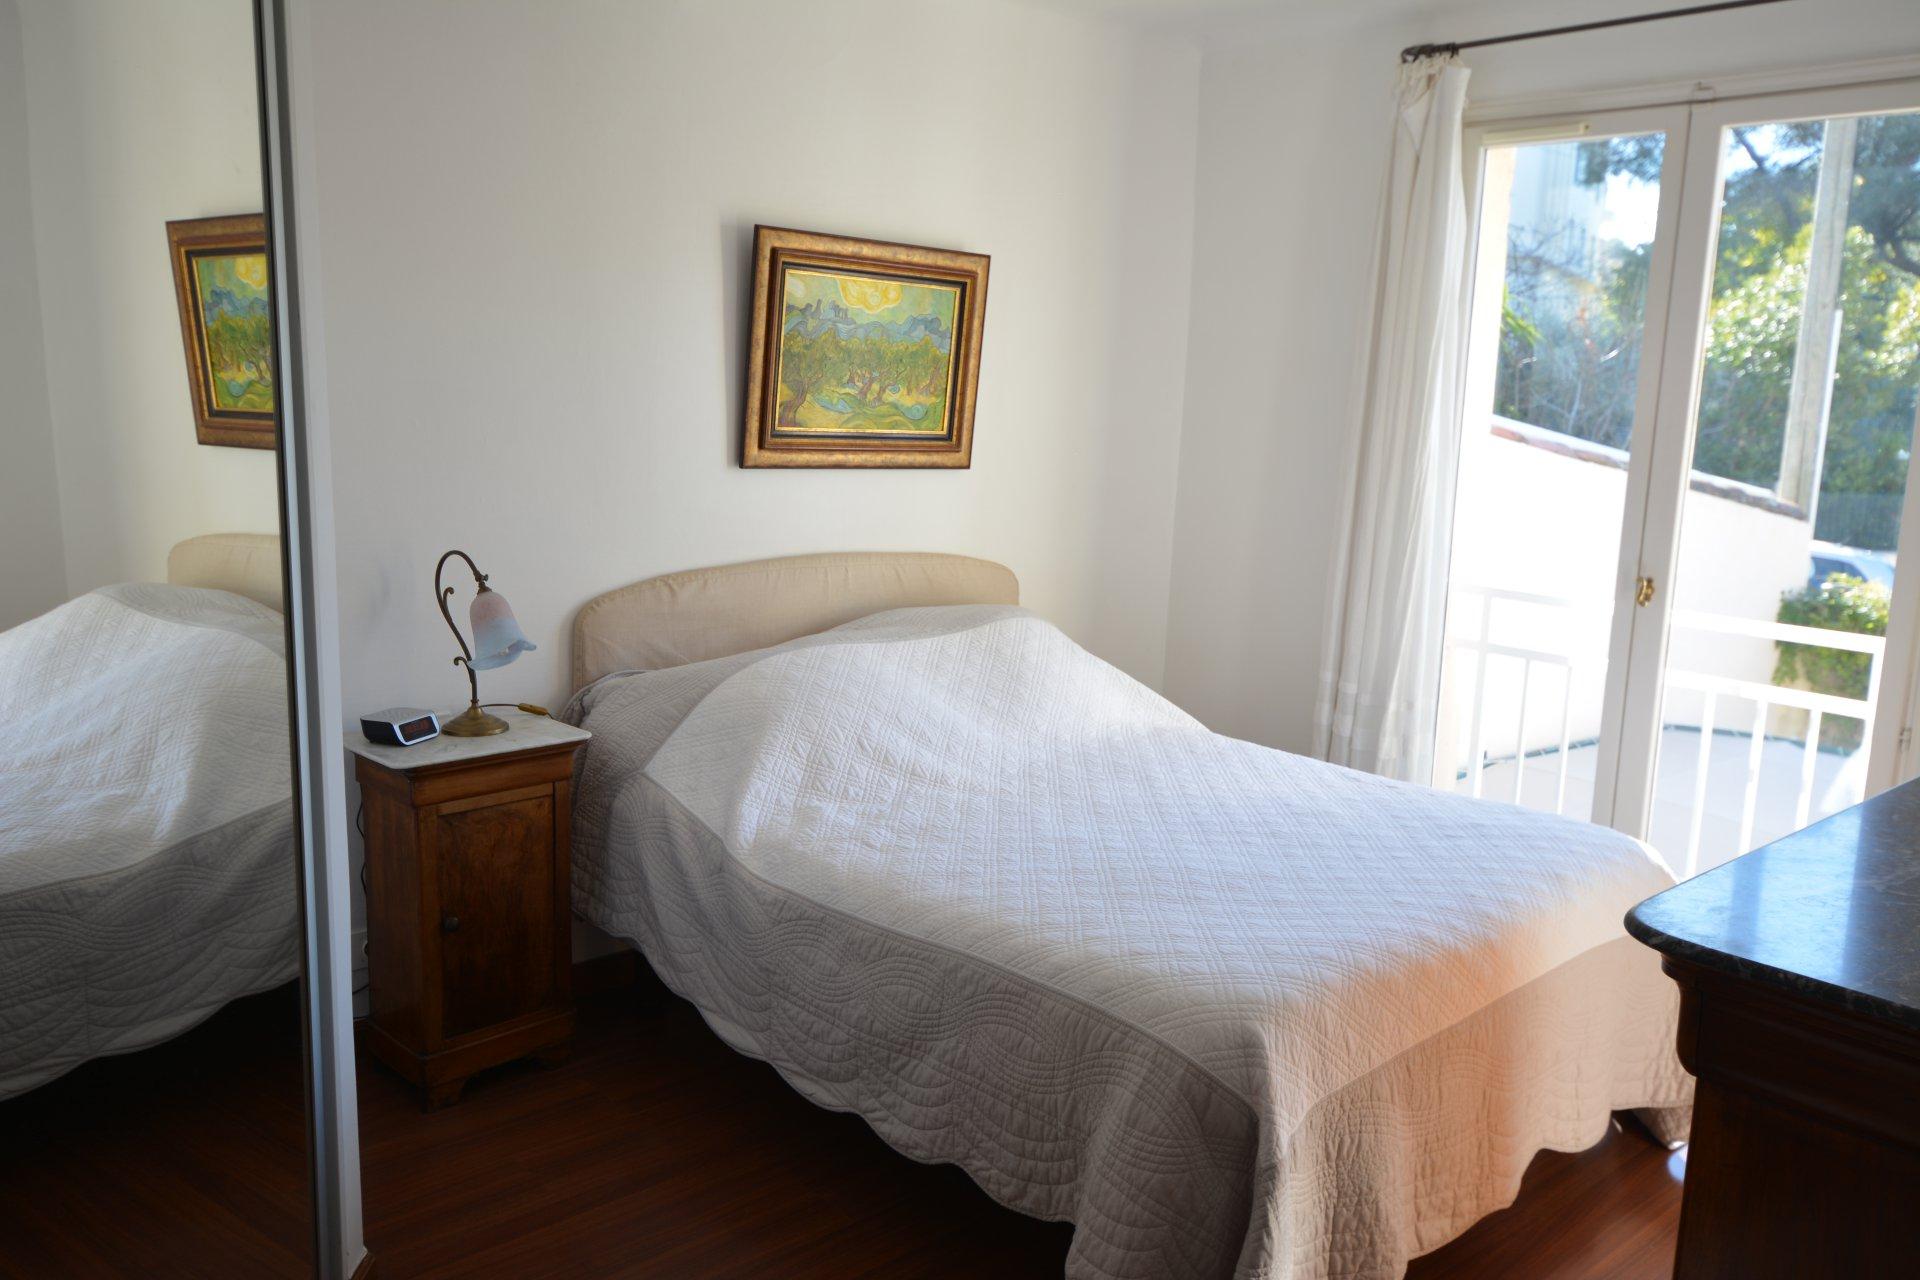 Charming villa near the beach - beginning of Cap d'Antibes